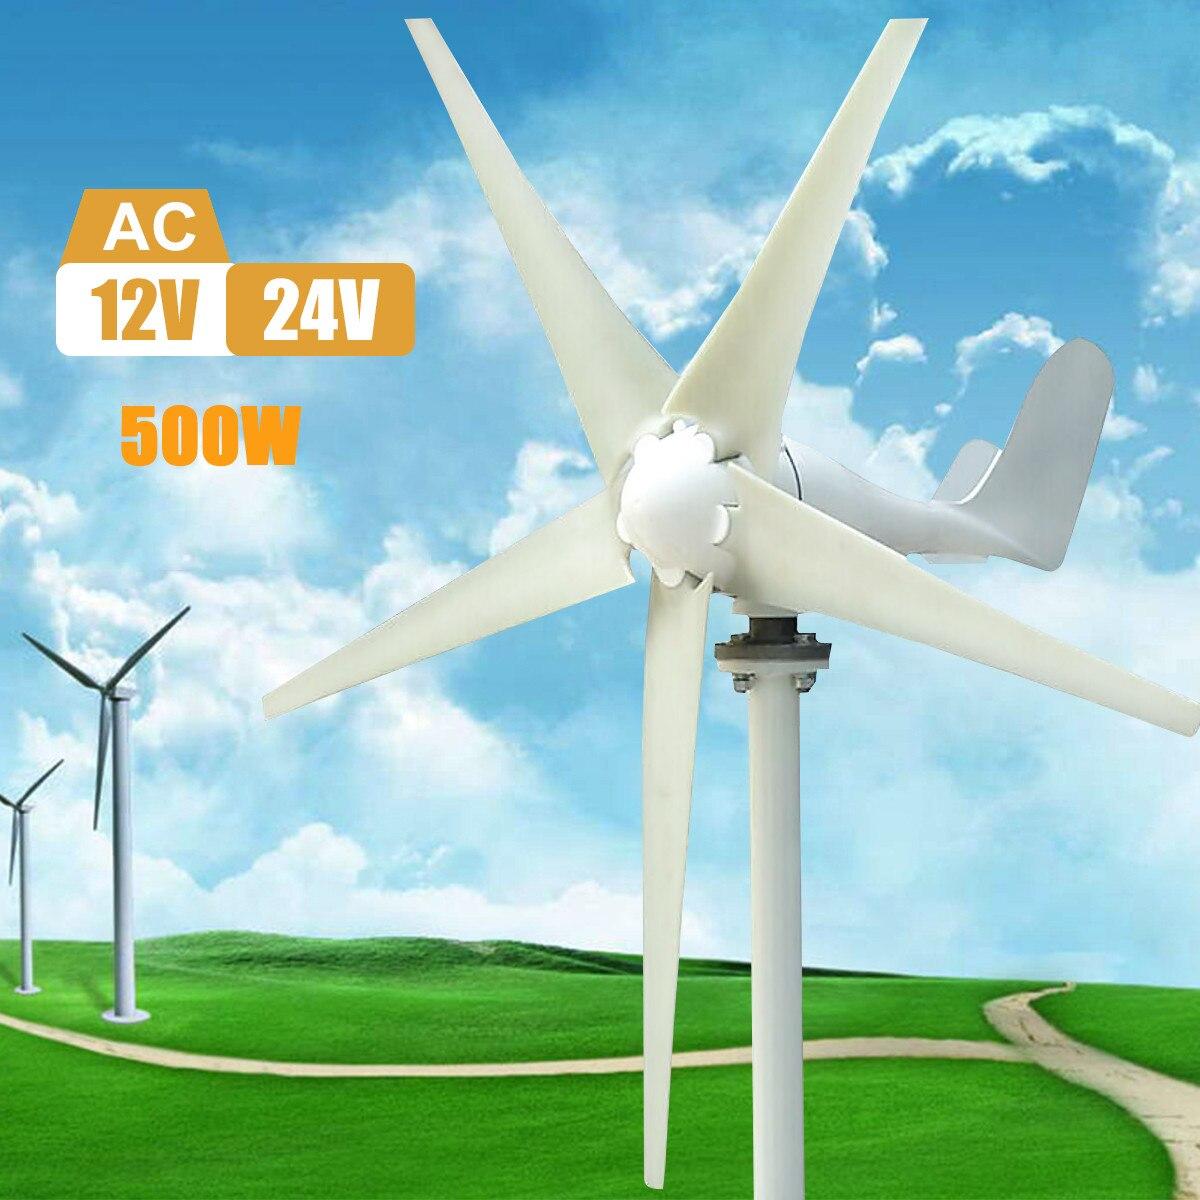 Max 600 W éolienne générateur AC 12 V/24 V 5 lames alimentation pour usage domestique hybride lampadaire